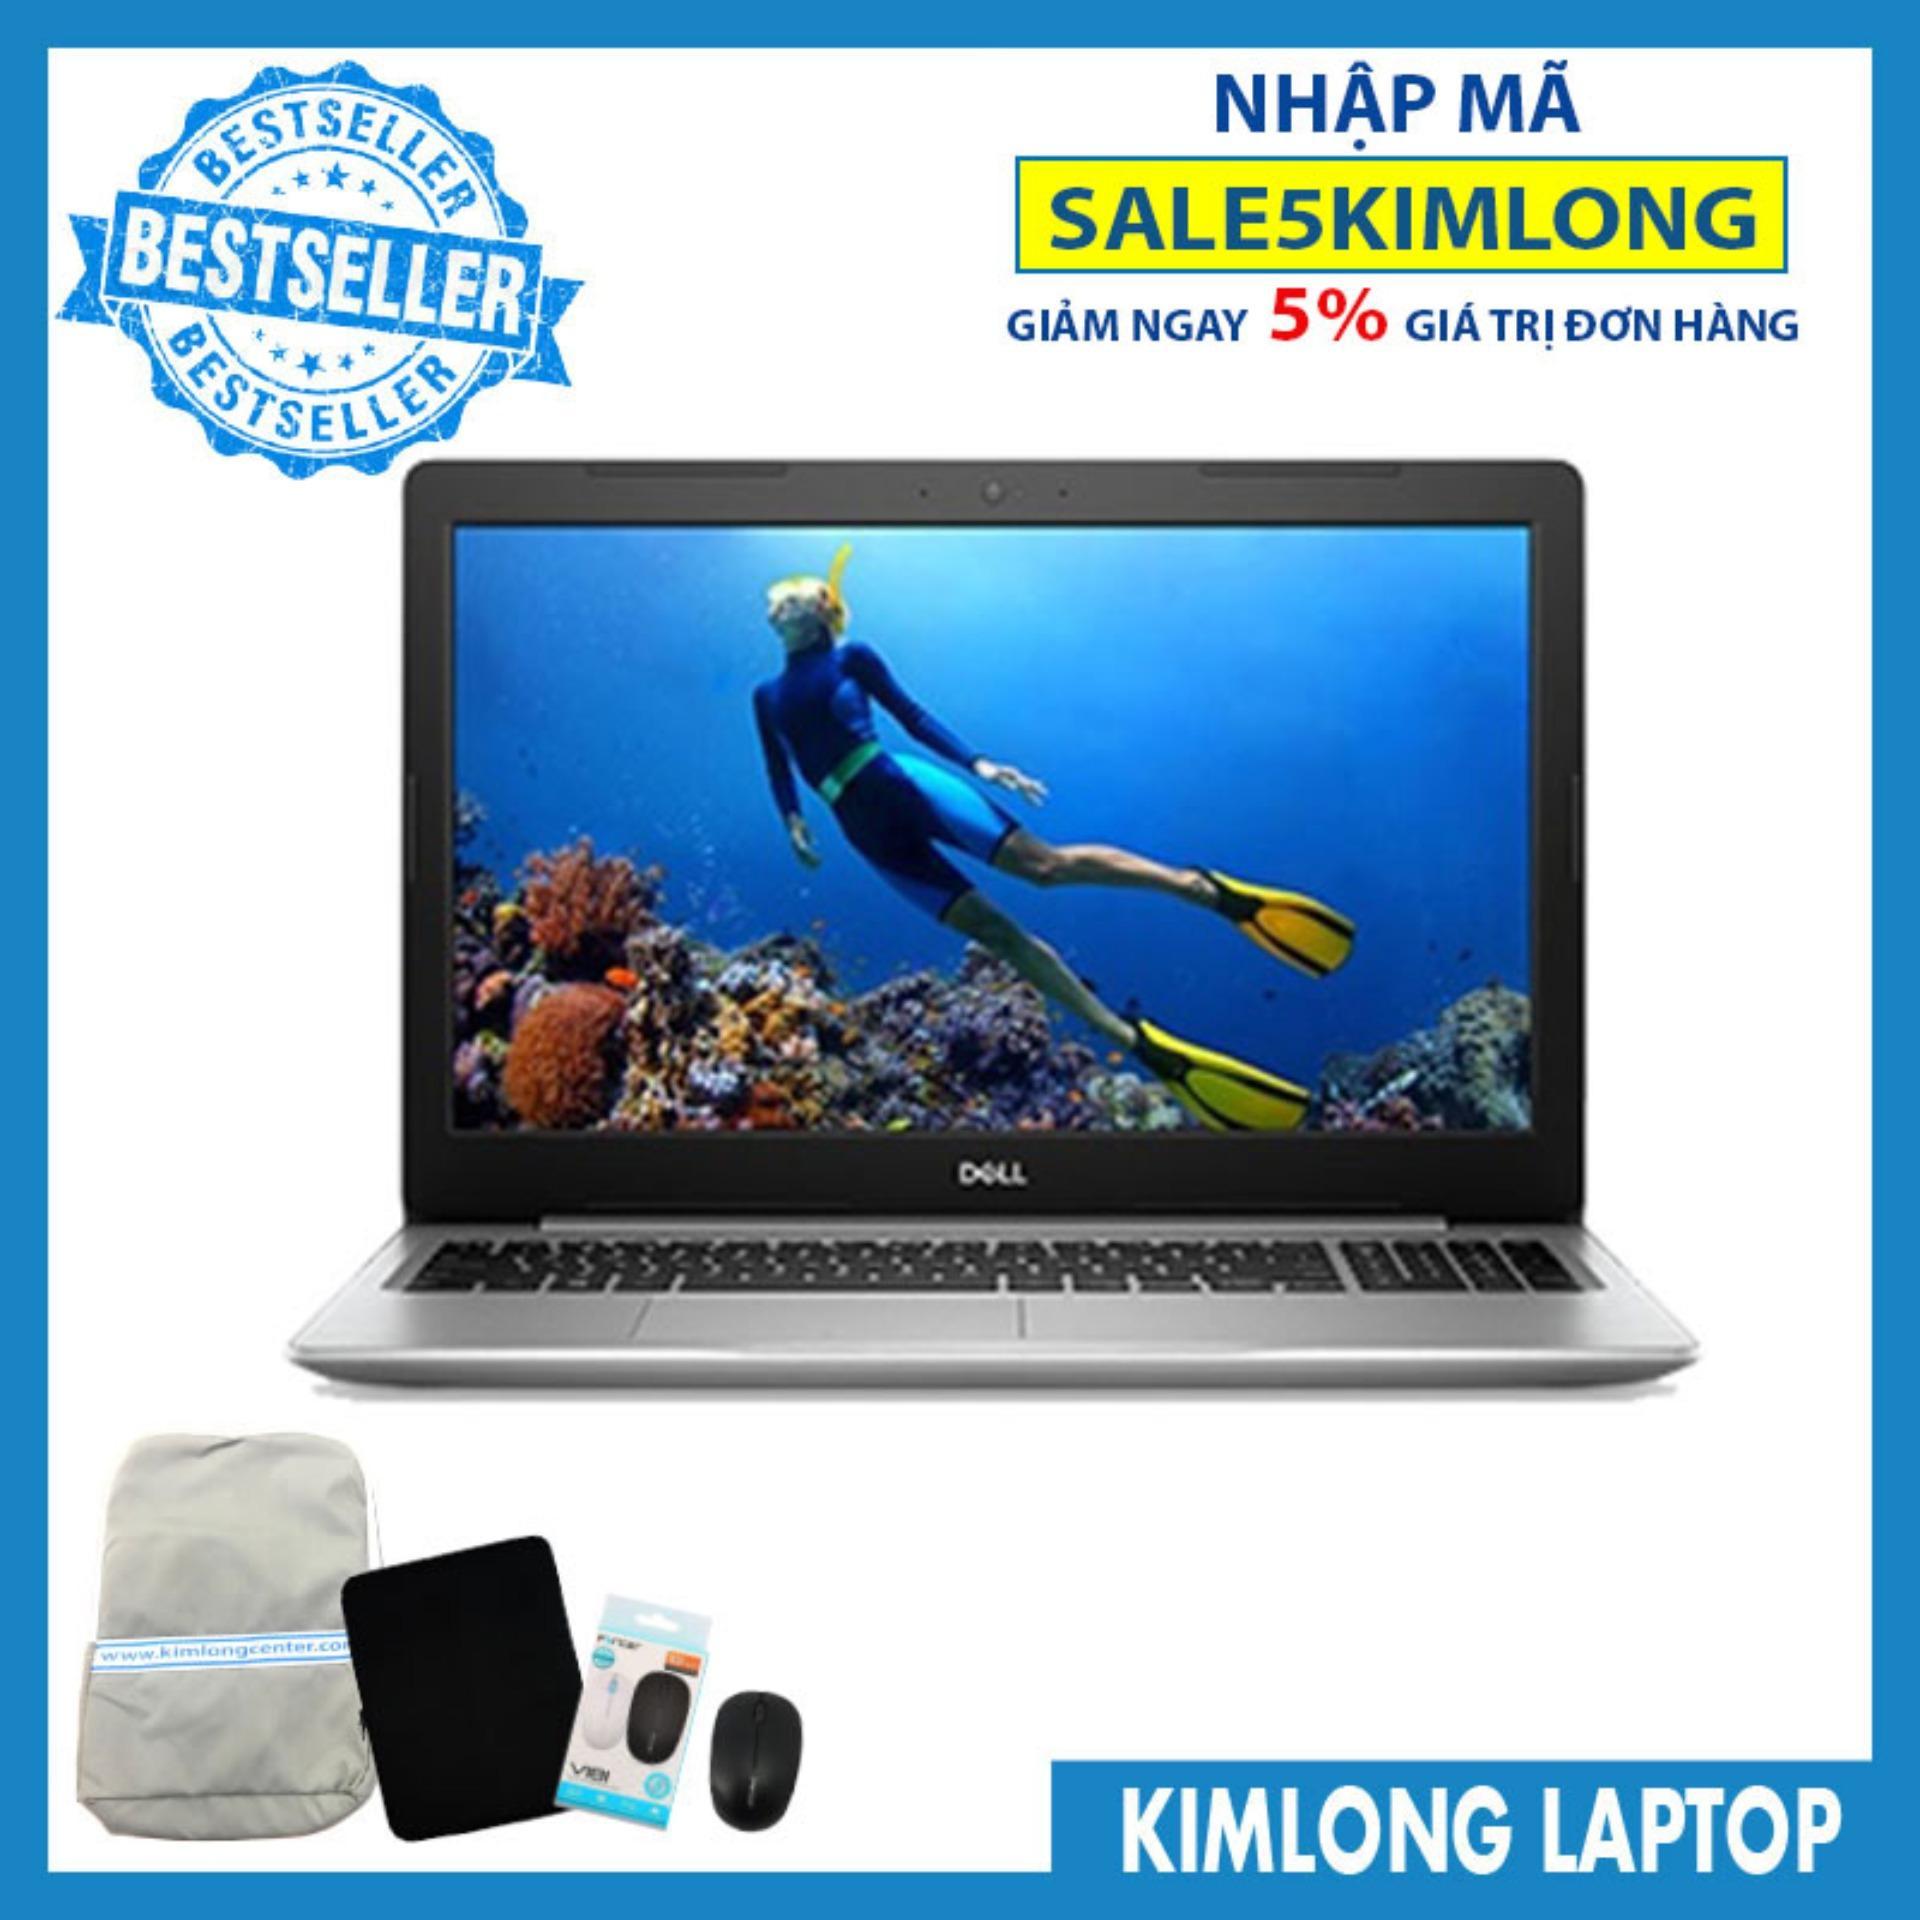 Bảng giá Laptop Dell Inspiron N5570 : i5-8250U 4GB RAM 1TB HDD AMD